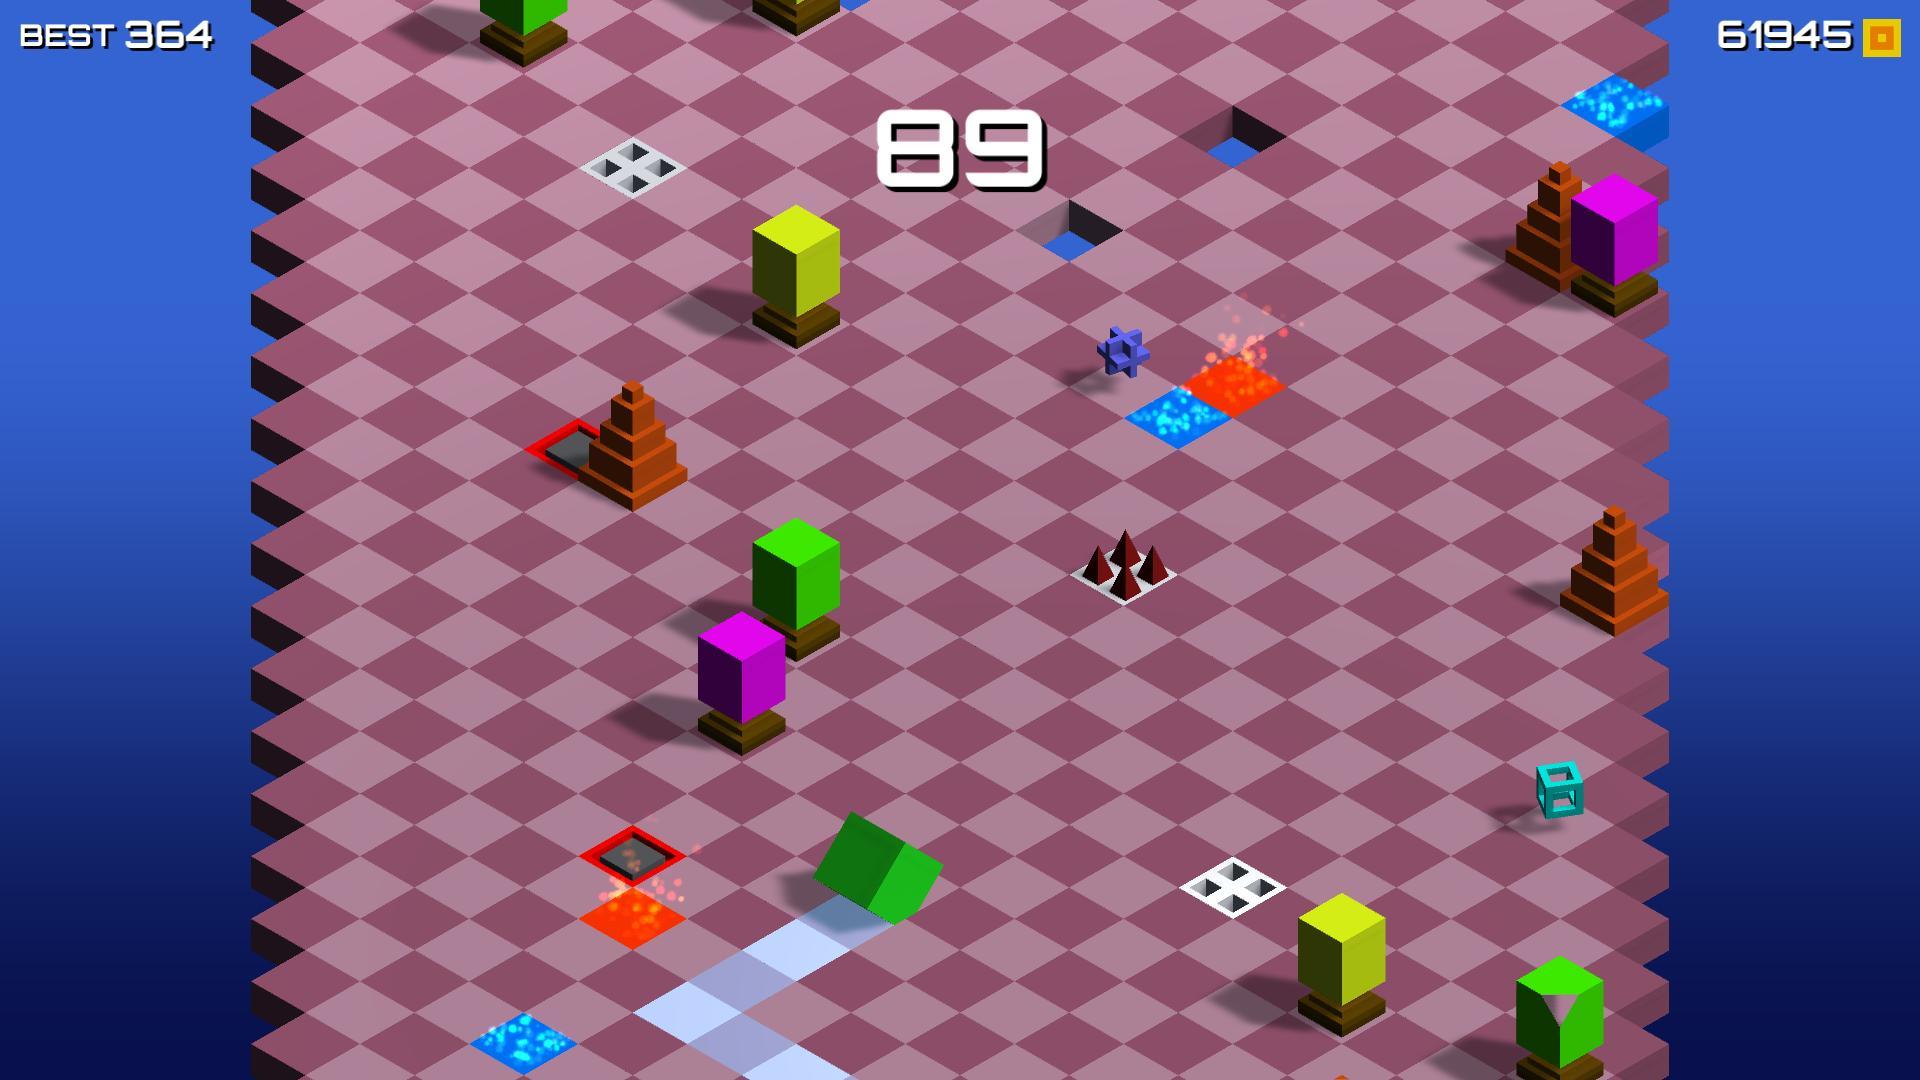 com.steam.742540-screenshot